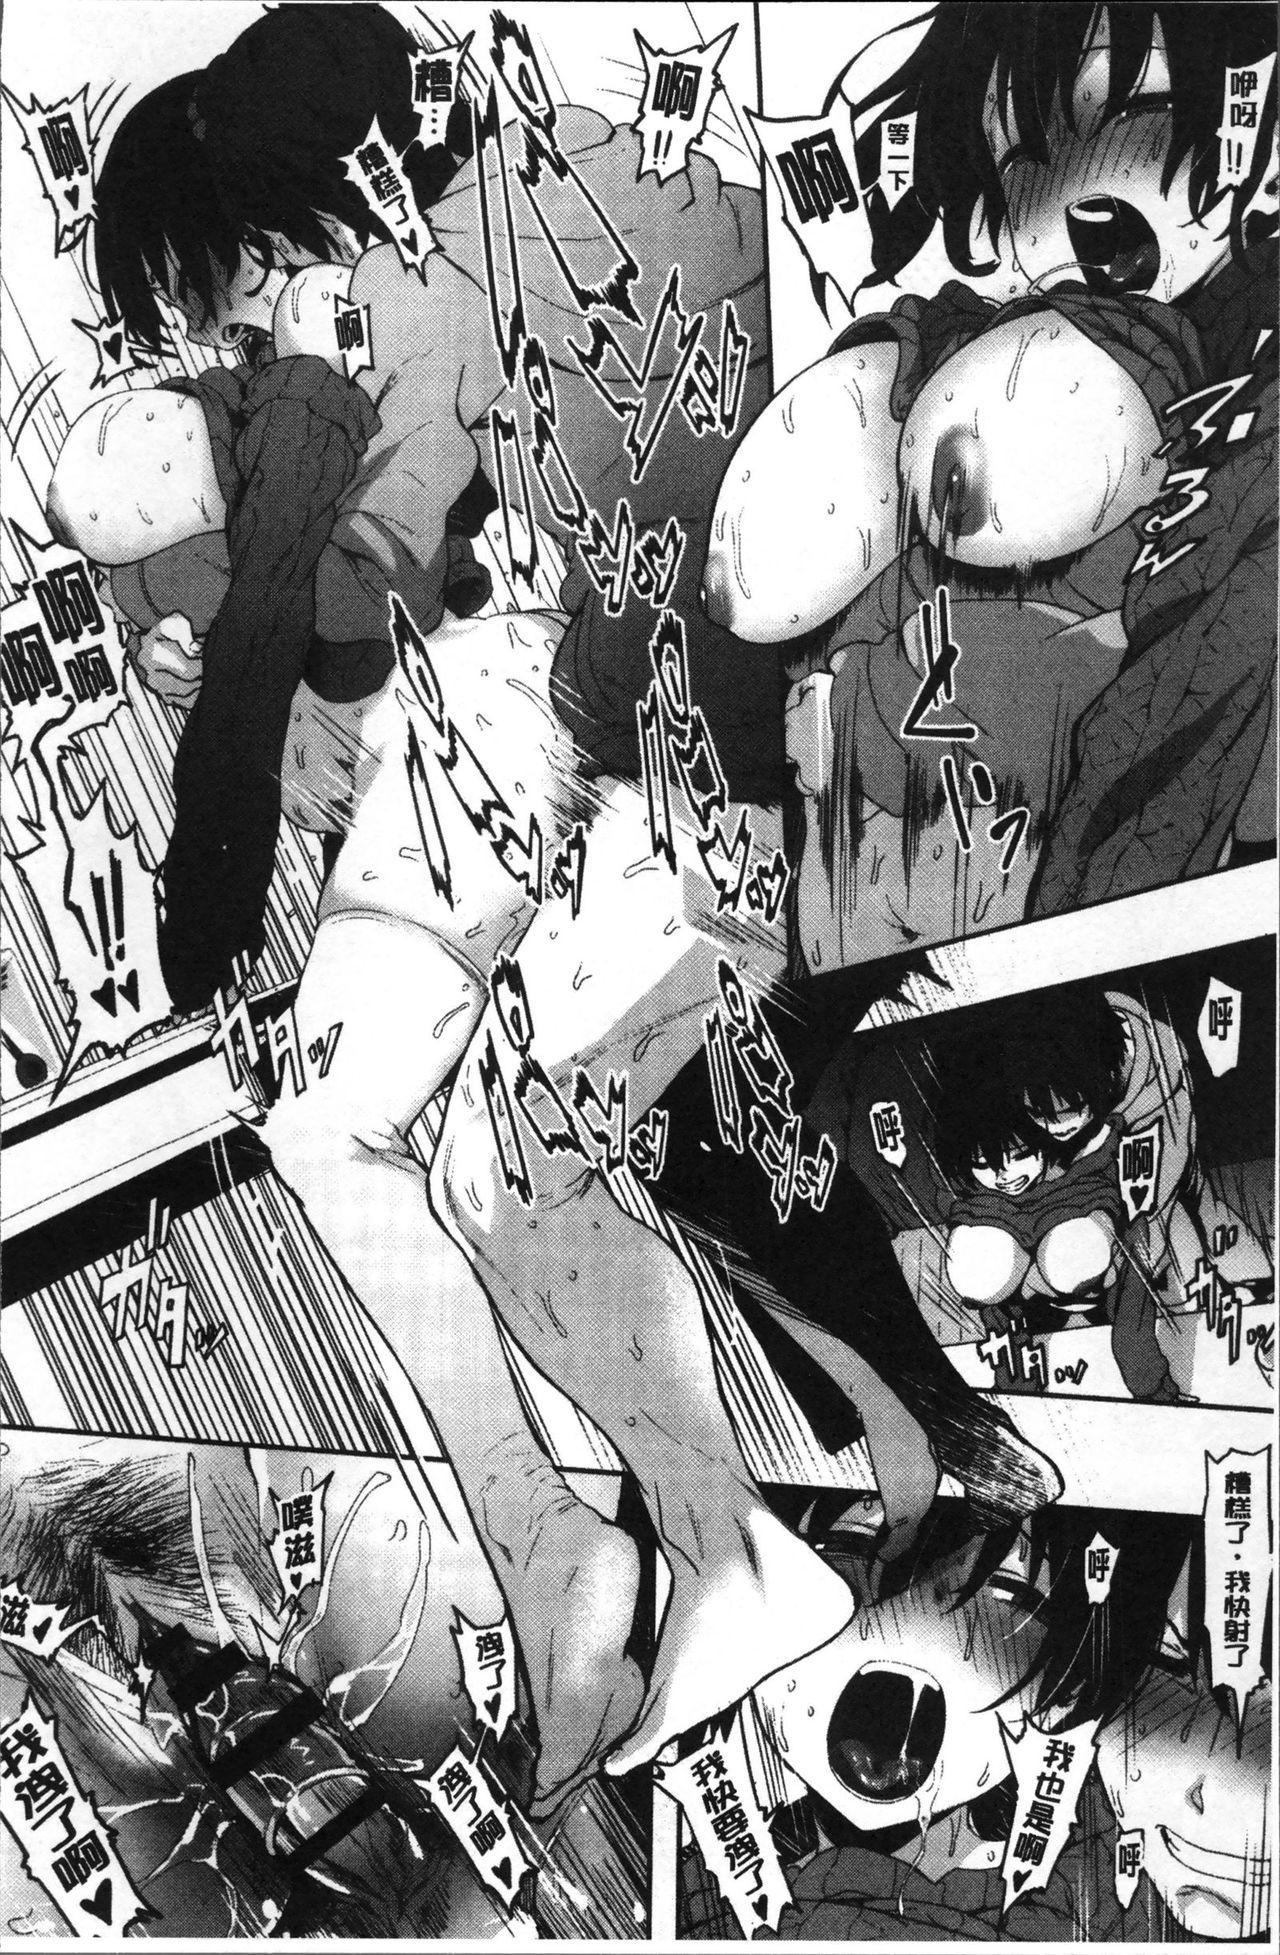 Nee,... Shiyo 64